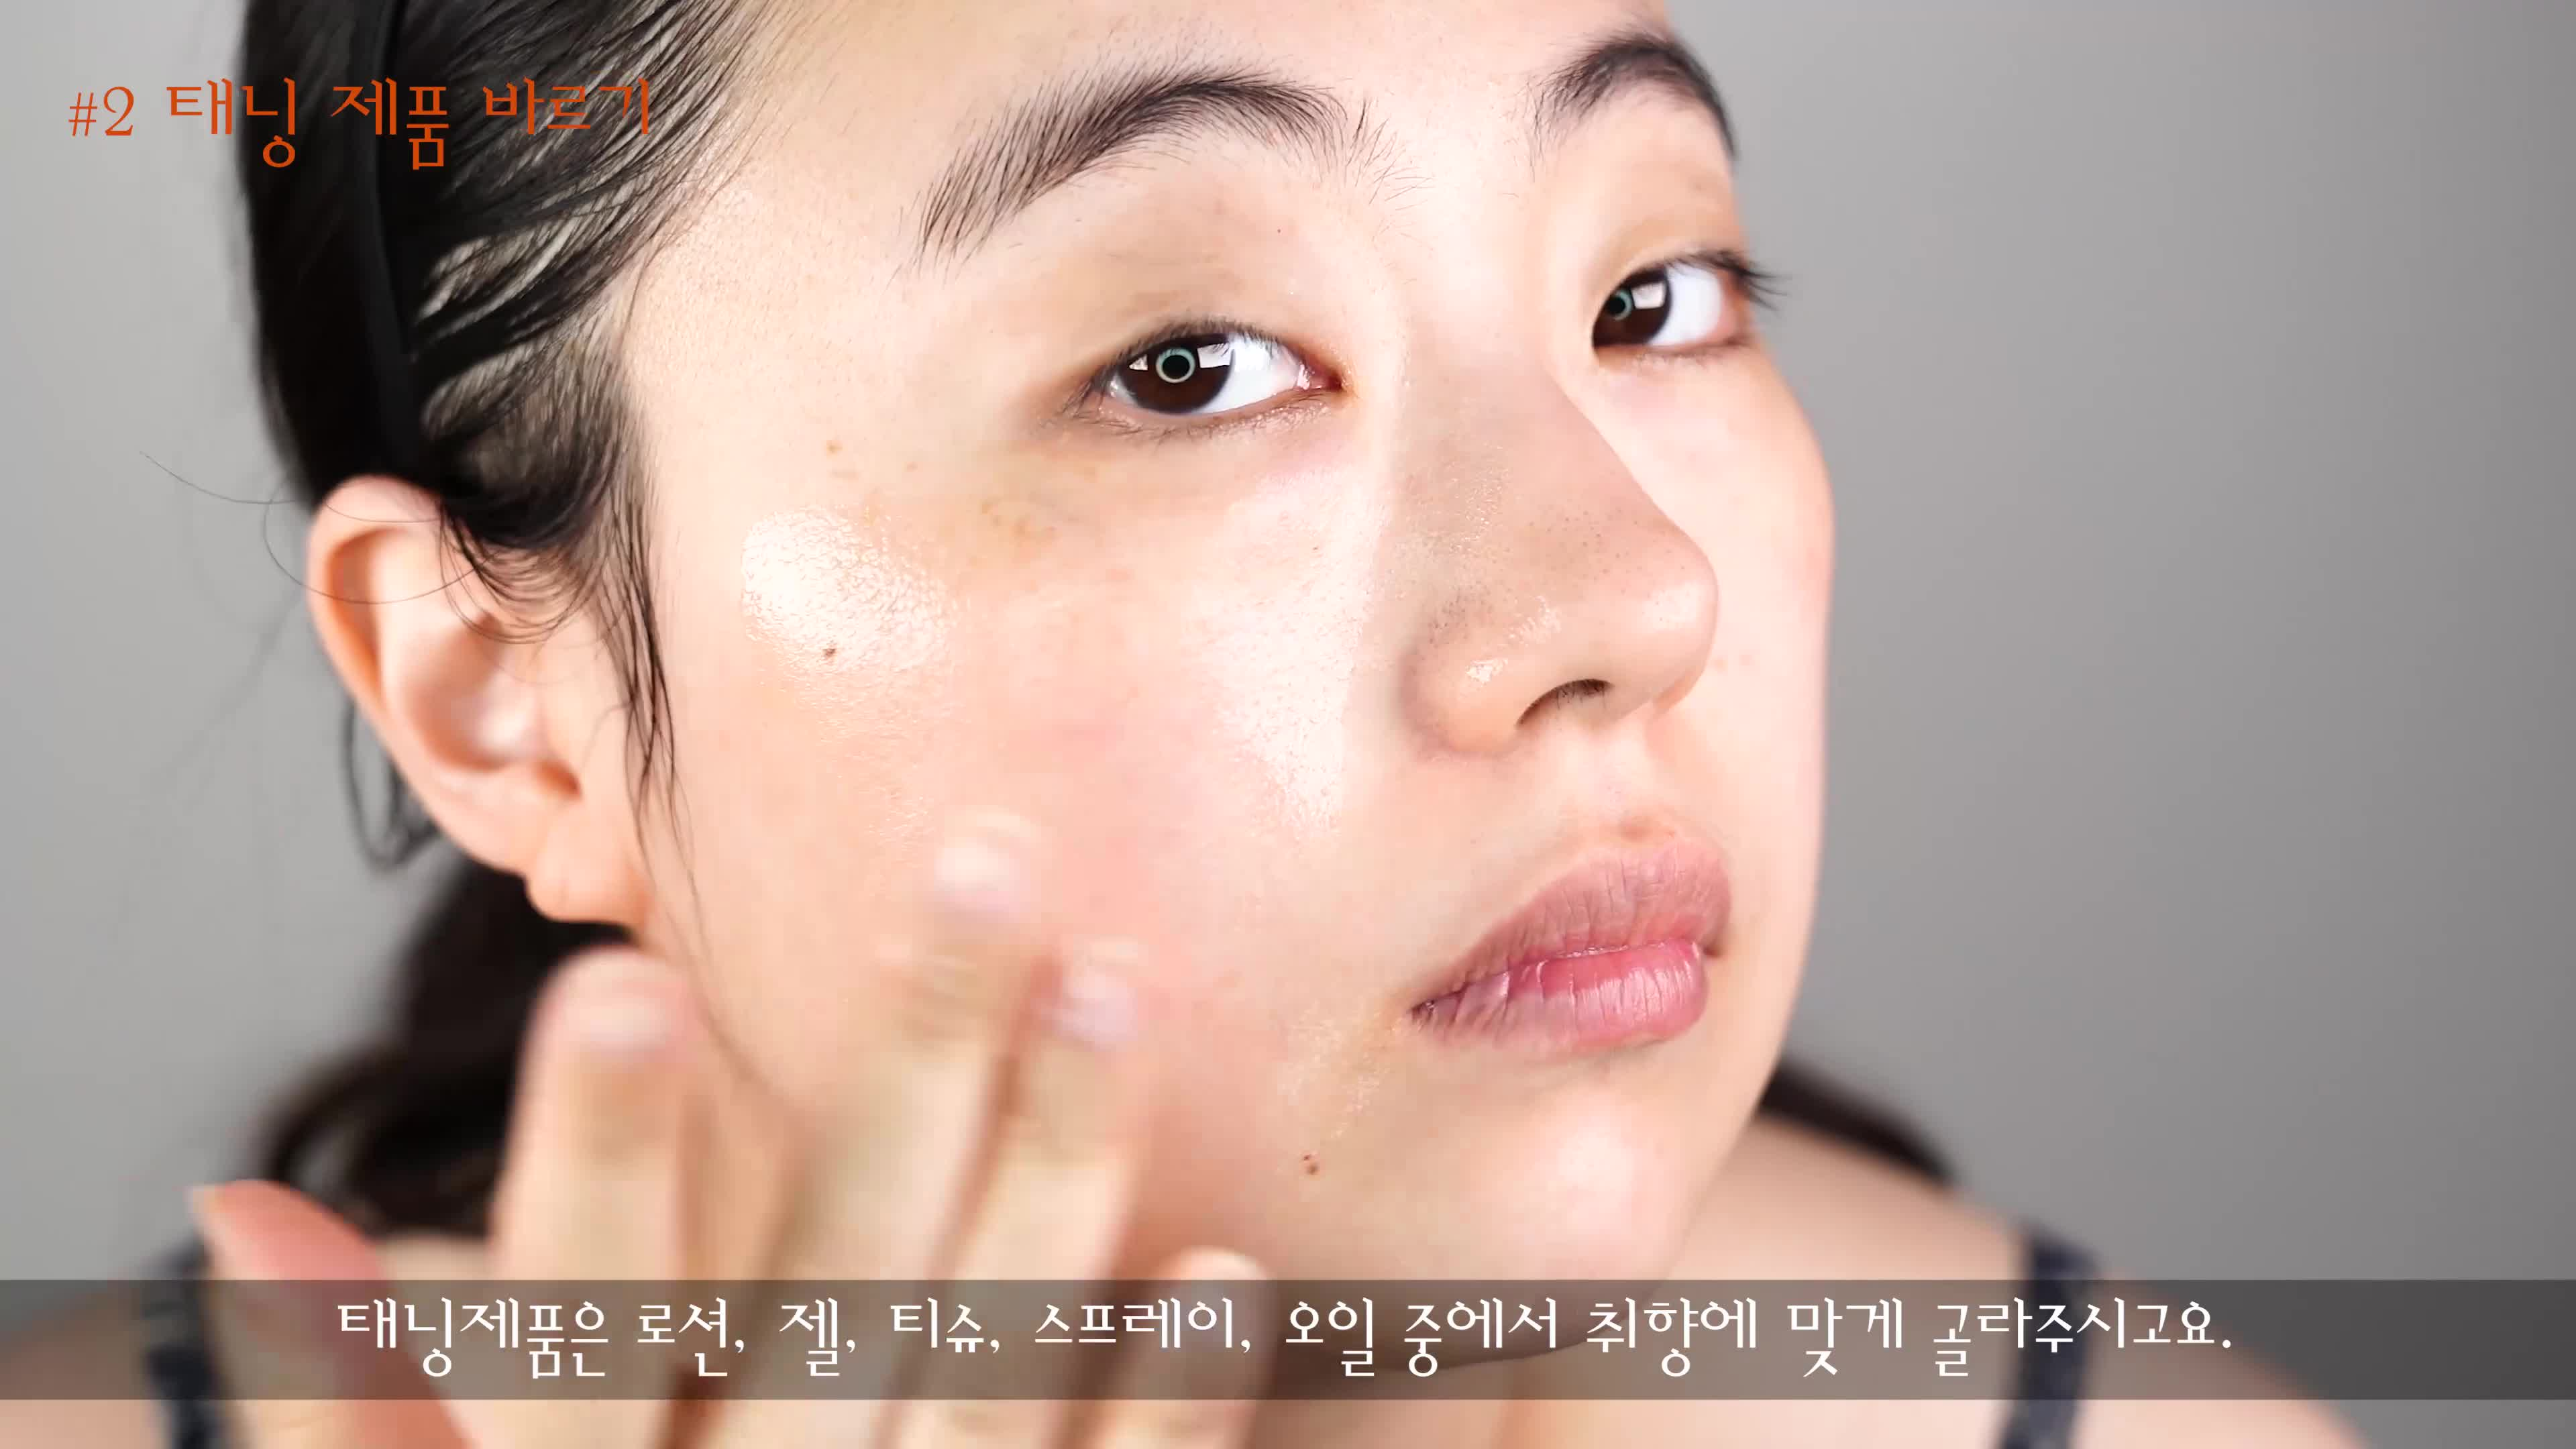 [1분팁] 셀프 태닝 하는 법, 건강하게 예뻐지는 법 How to self tanning